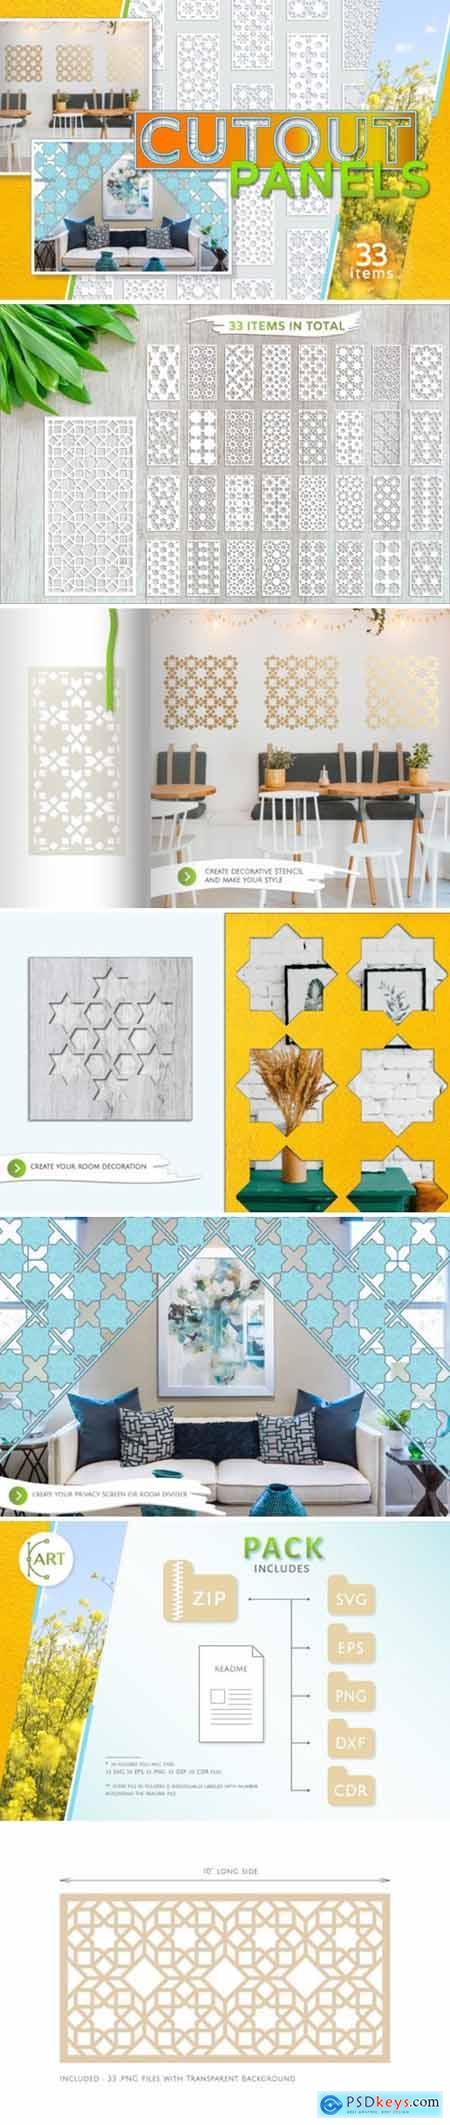 33 Templates Arab Geometric Pattern 3039475